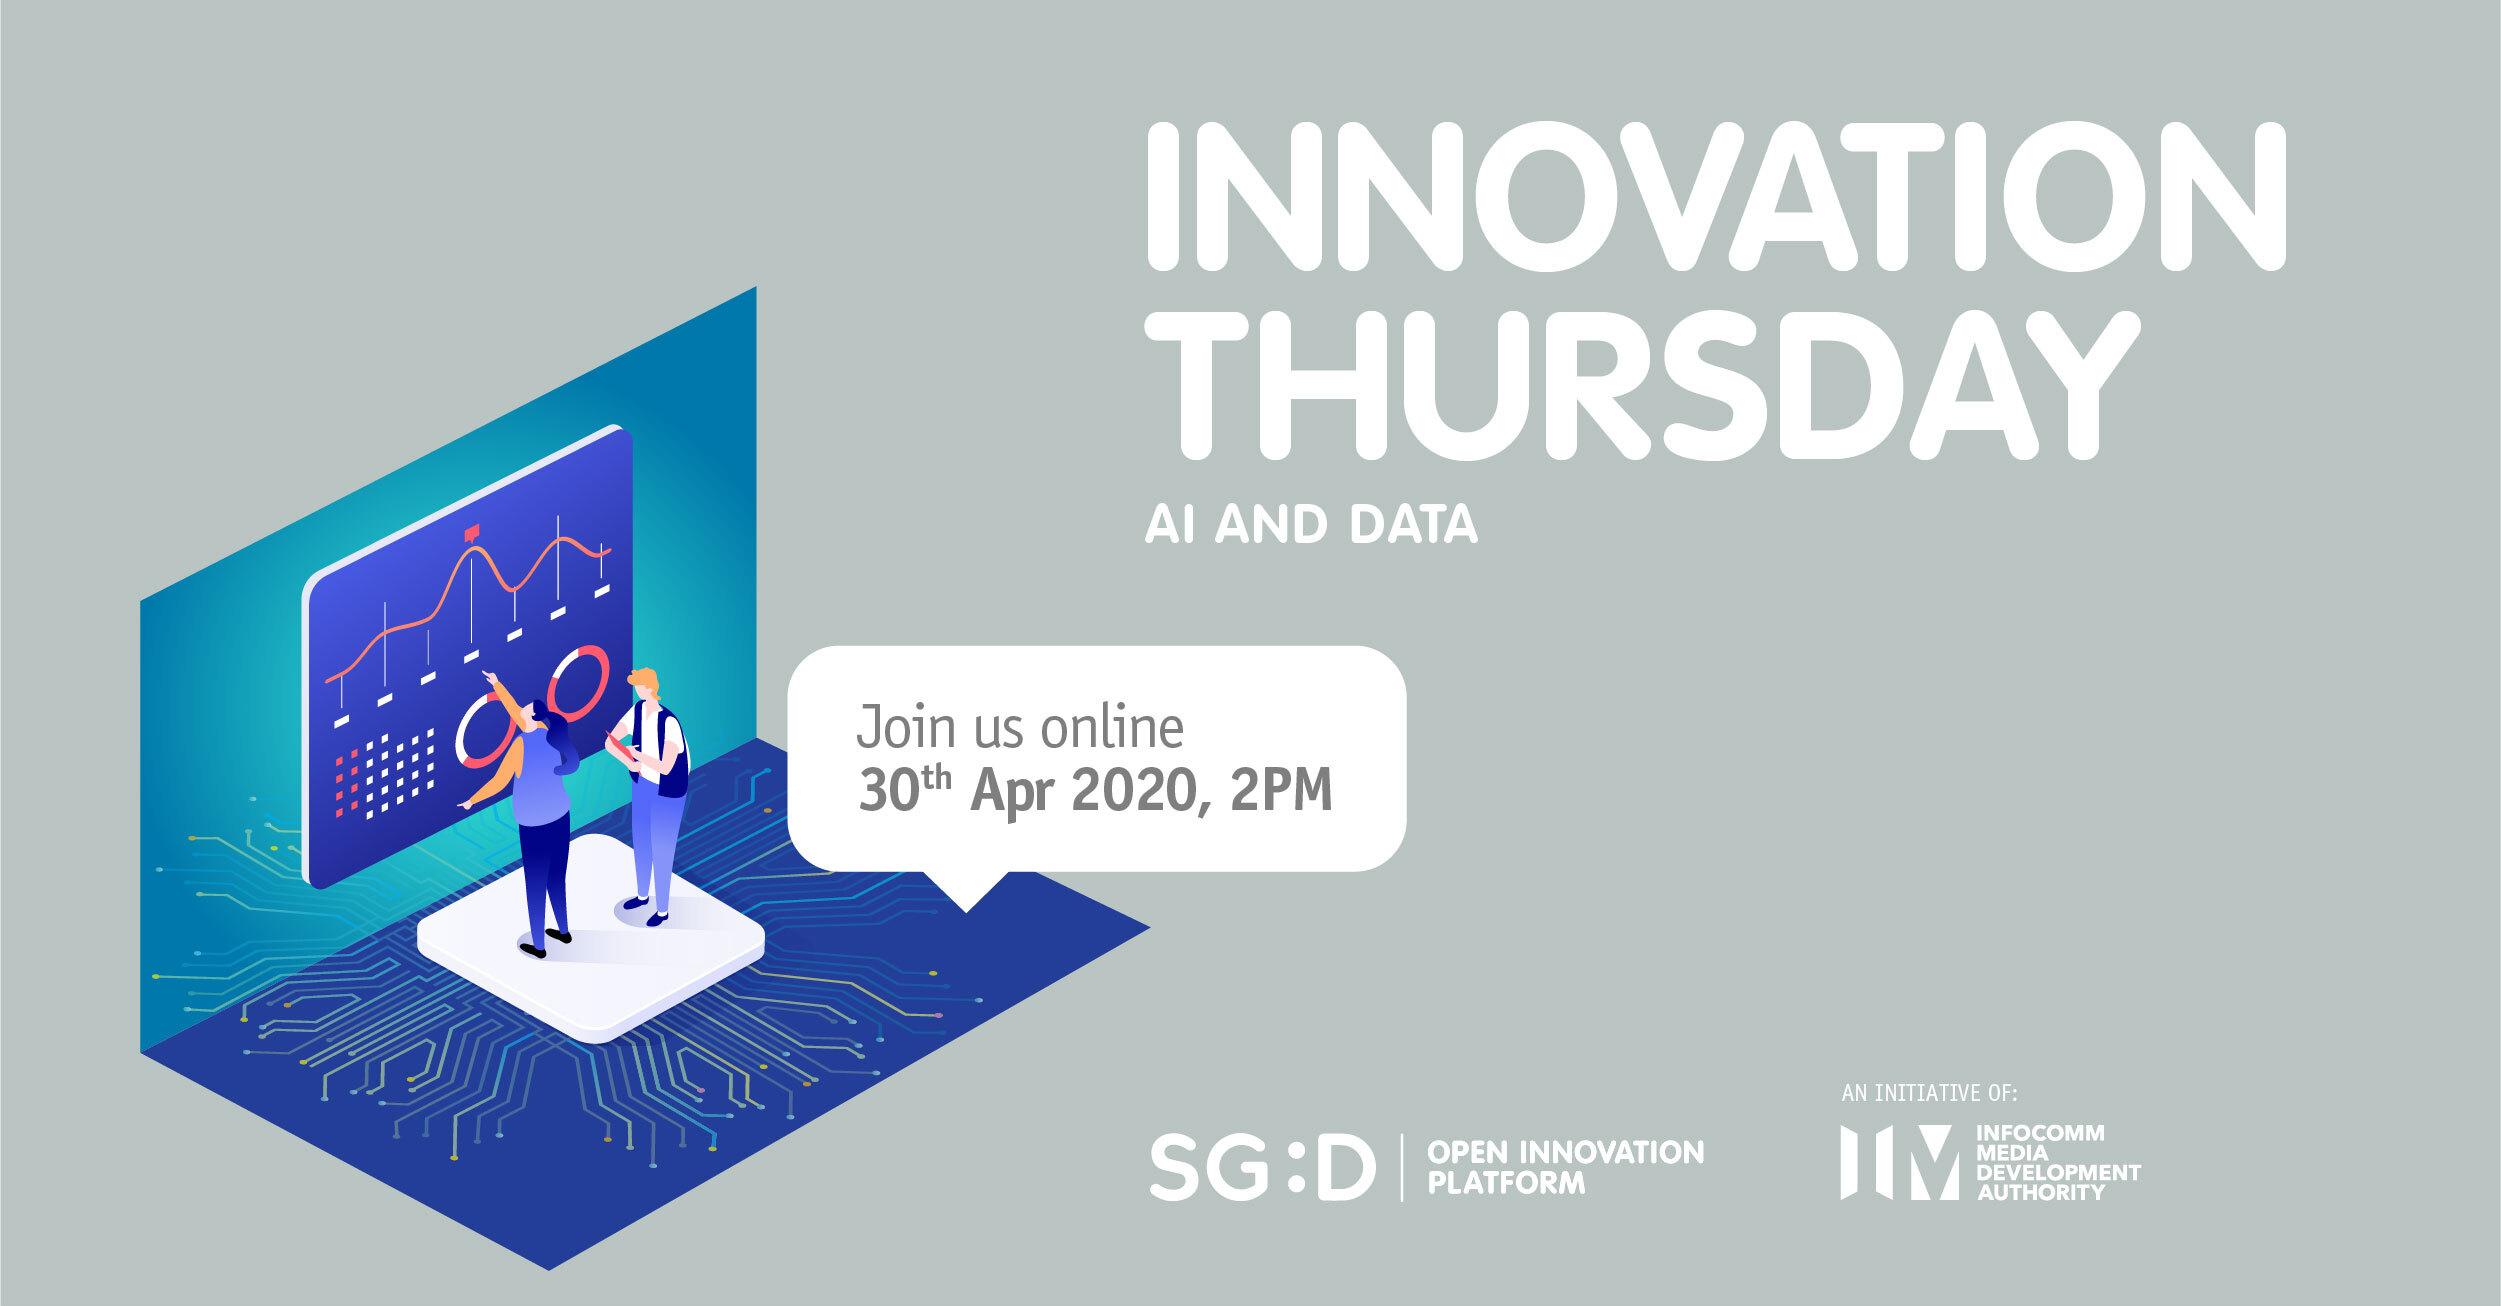 Innovation Thursday 30 Apr - AI and Data